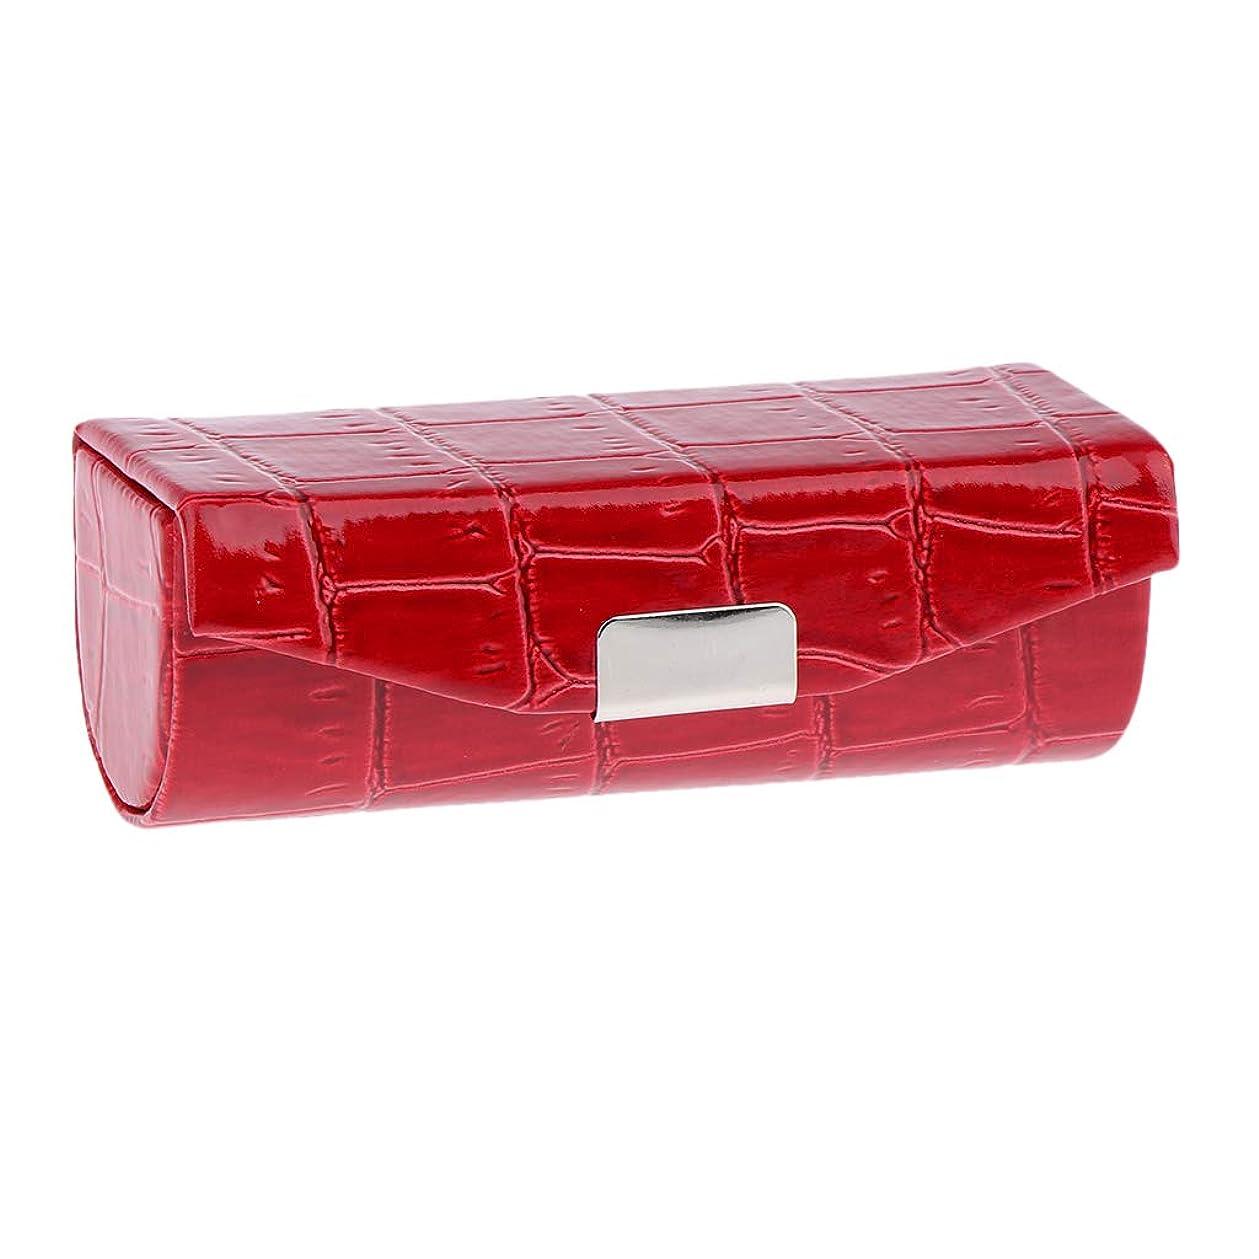 瞑想的生き残ります何故なのSharplace 口紅ケース 小物収納ケース プレゼント ミラー付き 多色選べ - 赤